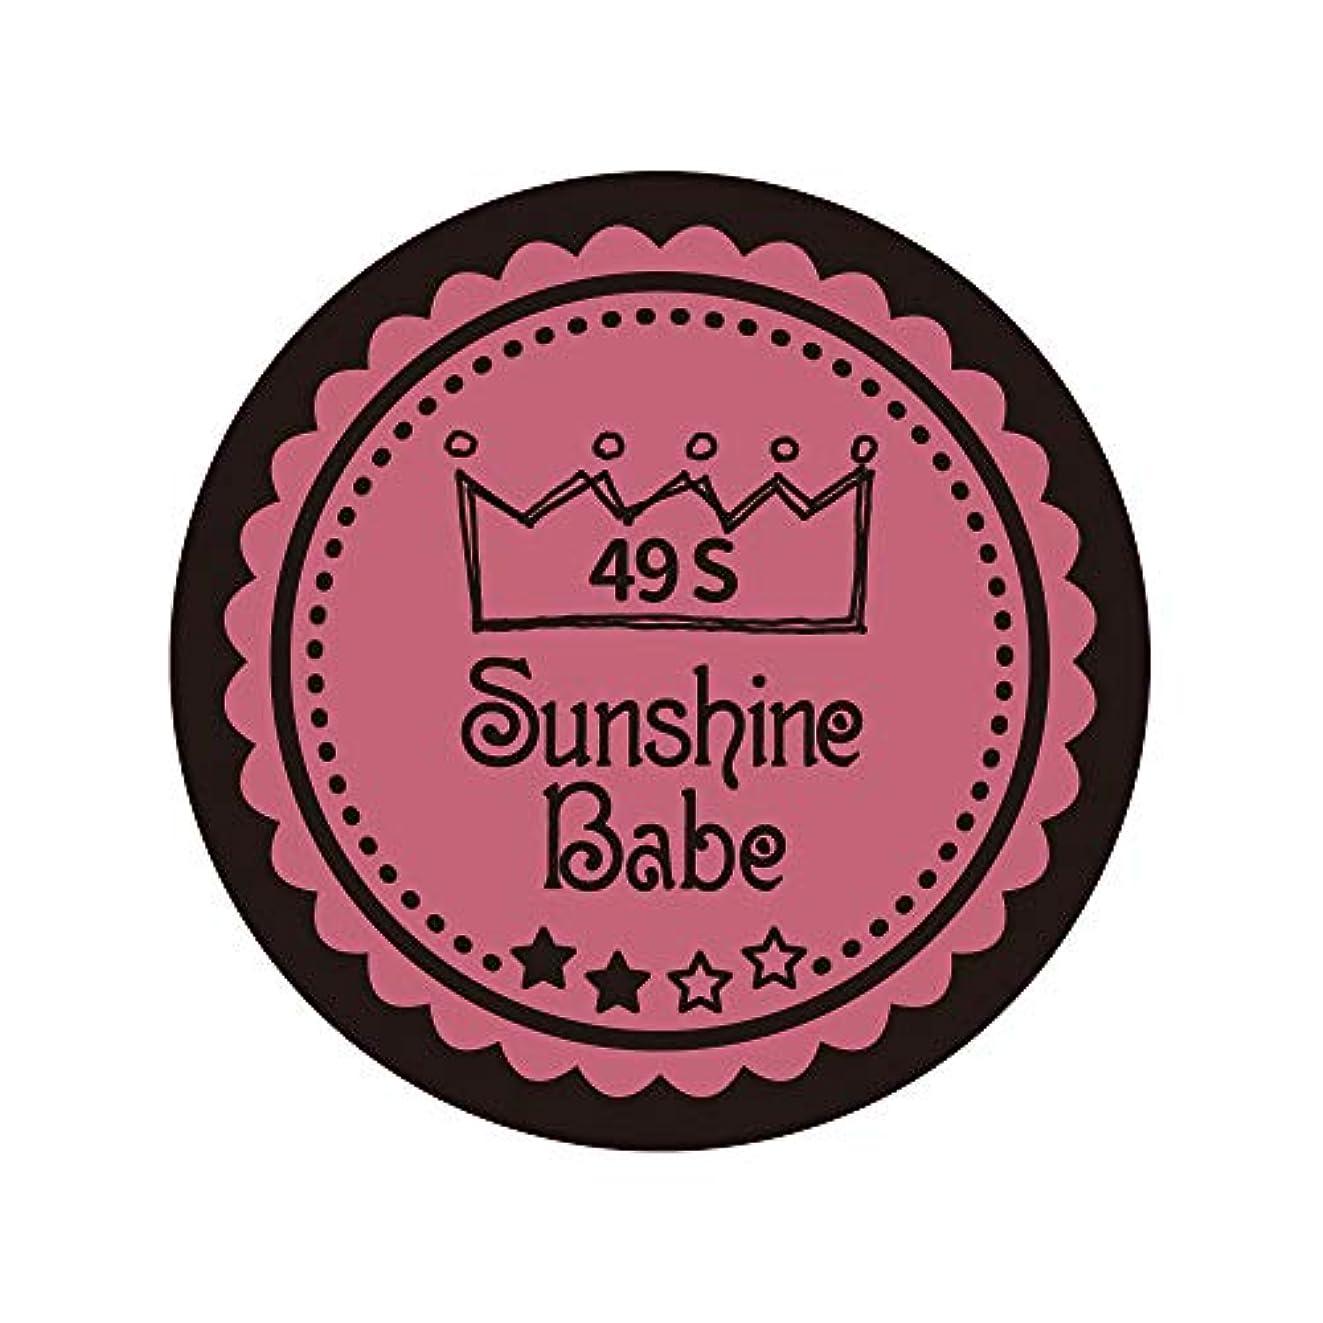 評価十分ですオーロックSunshine Babe カラージェル 49S カシミアピンク 2.7g UV/LED対応